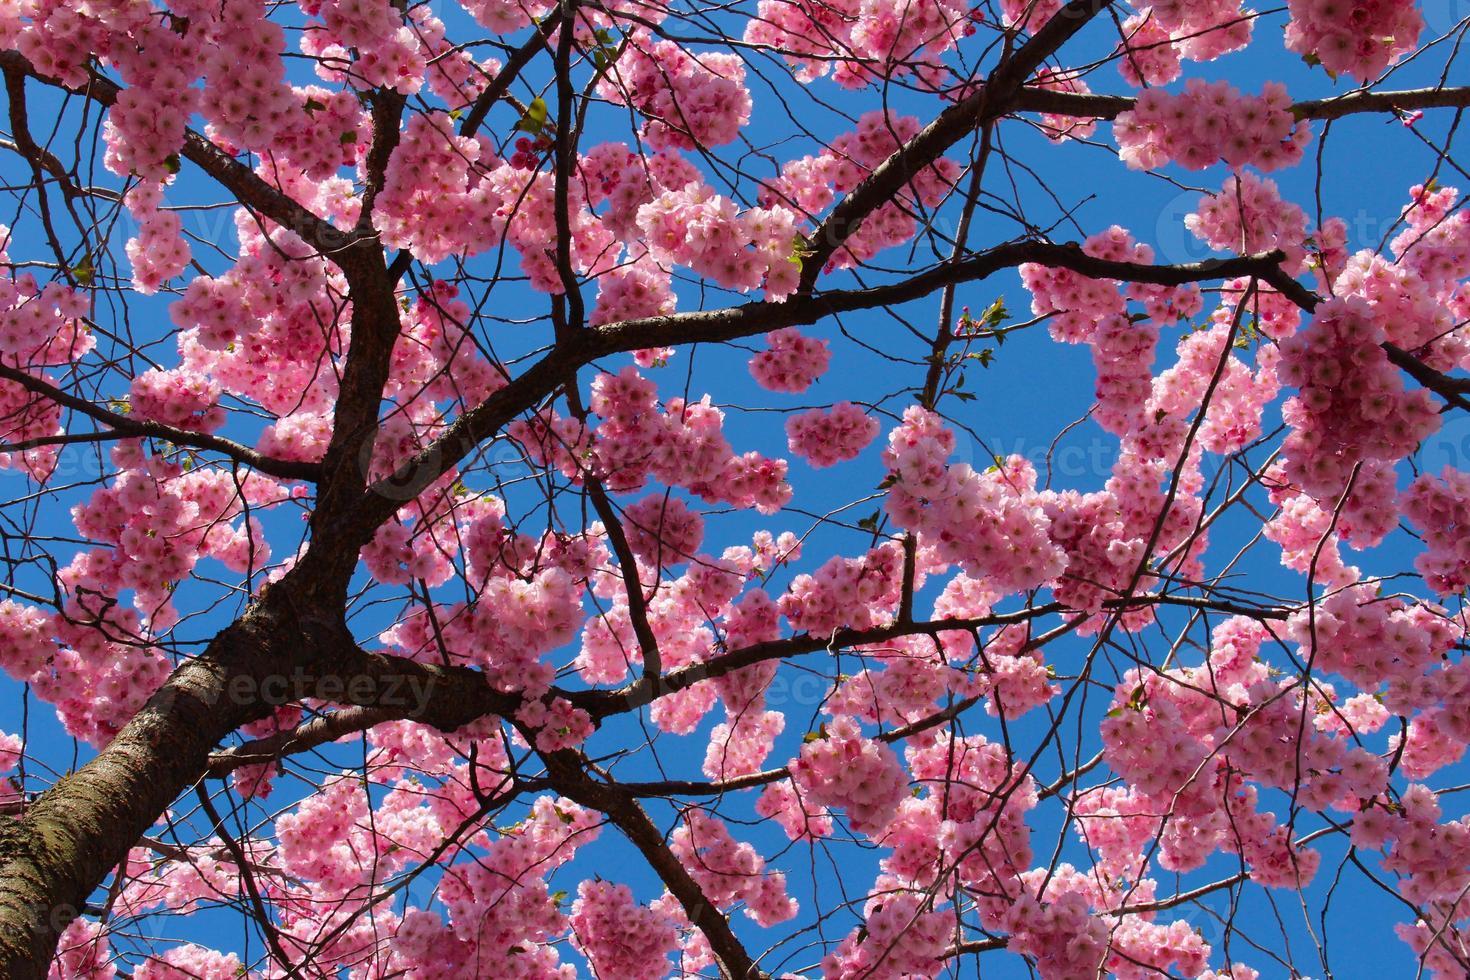 kersenbloesem tegen blauwe hemel foto